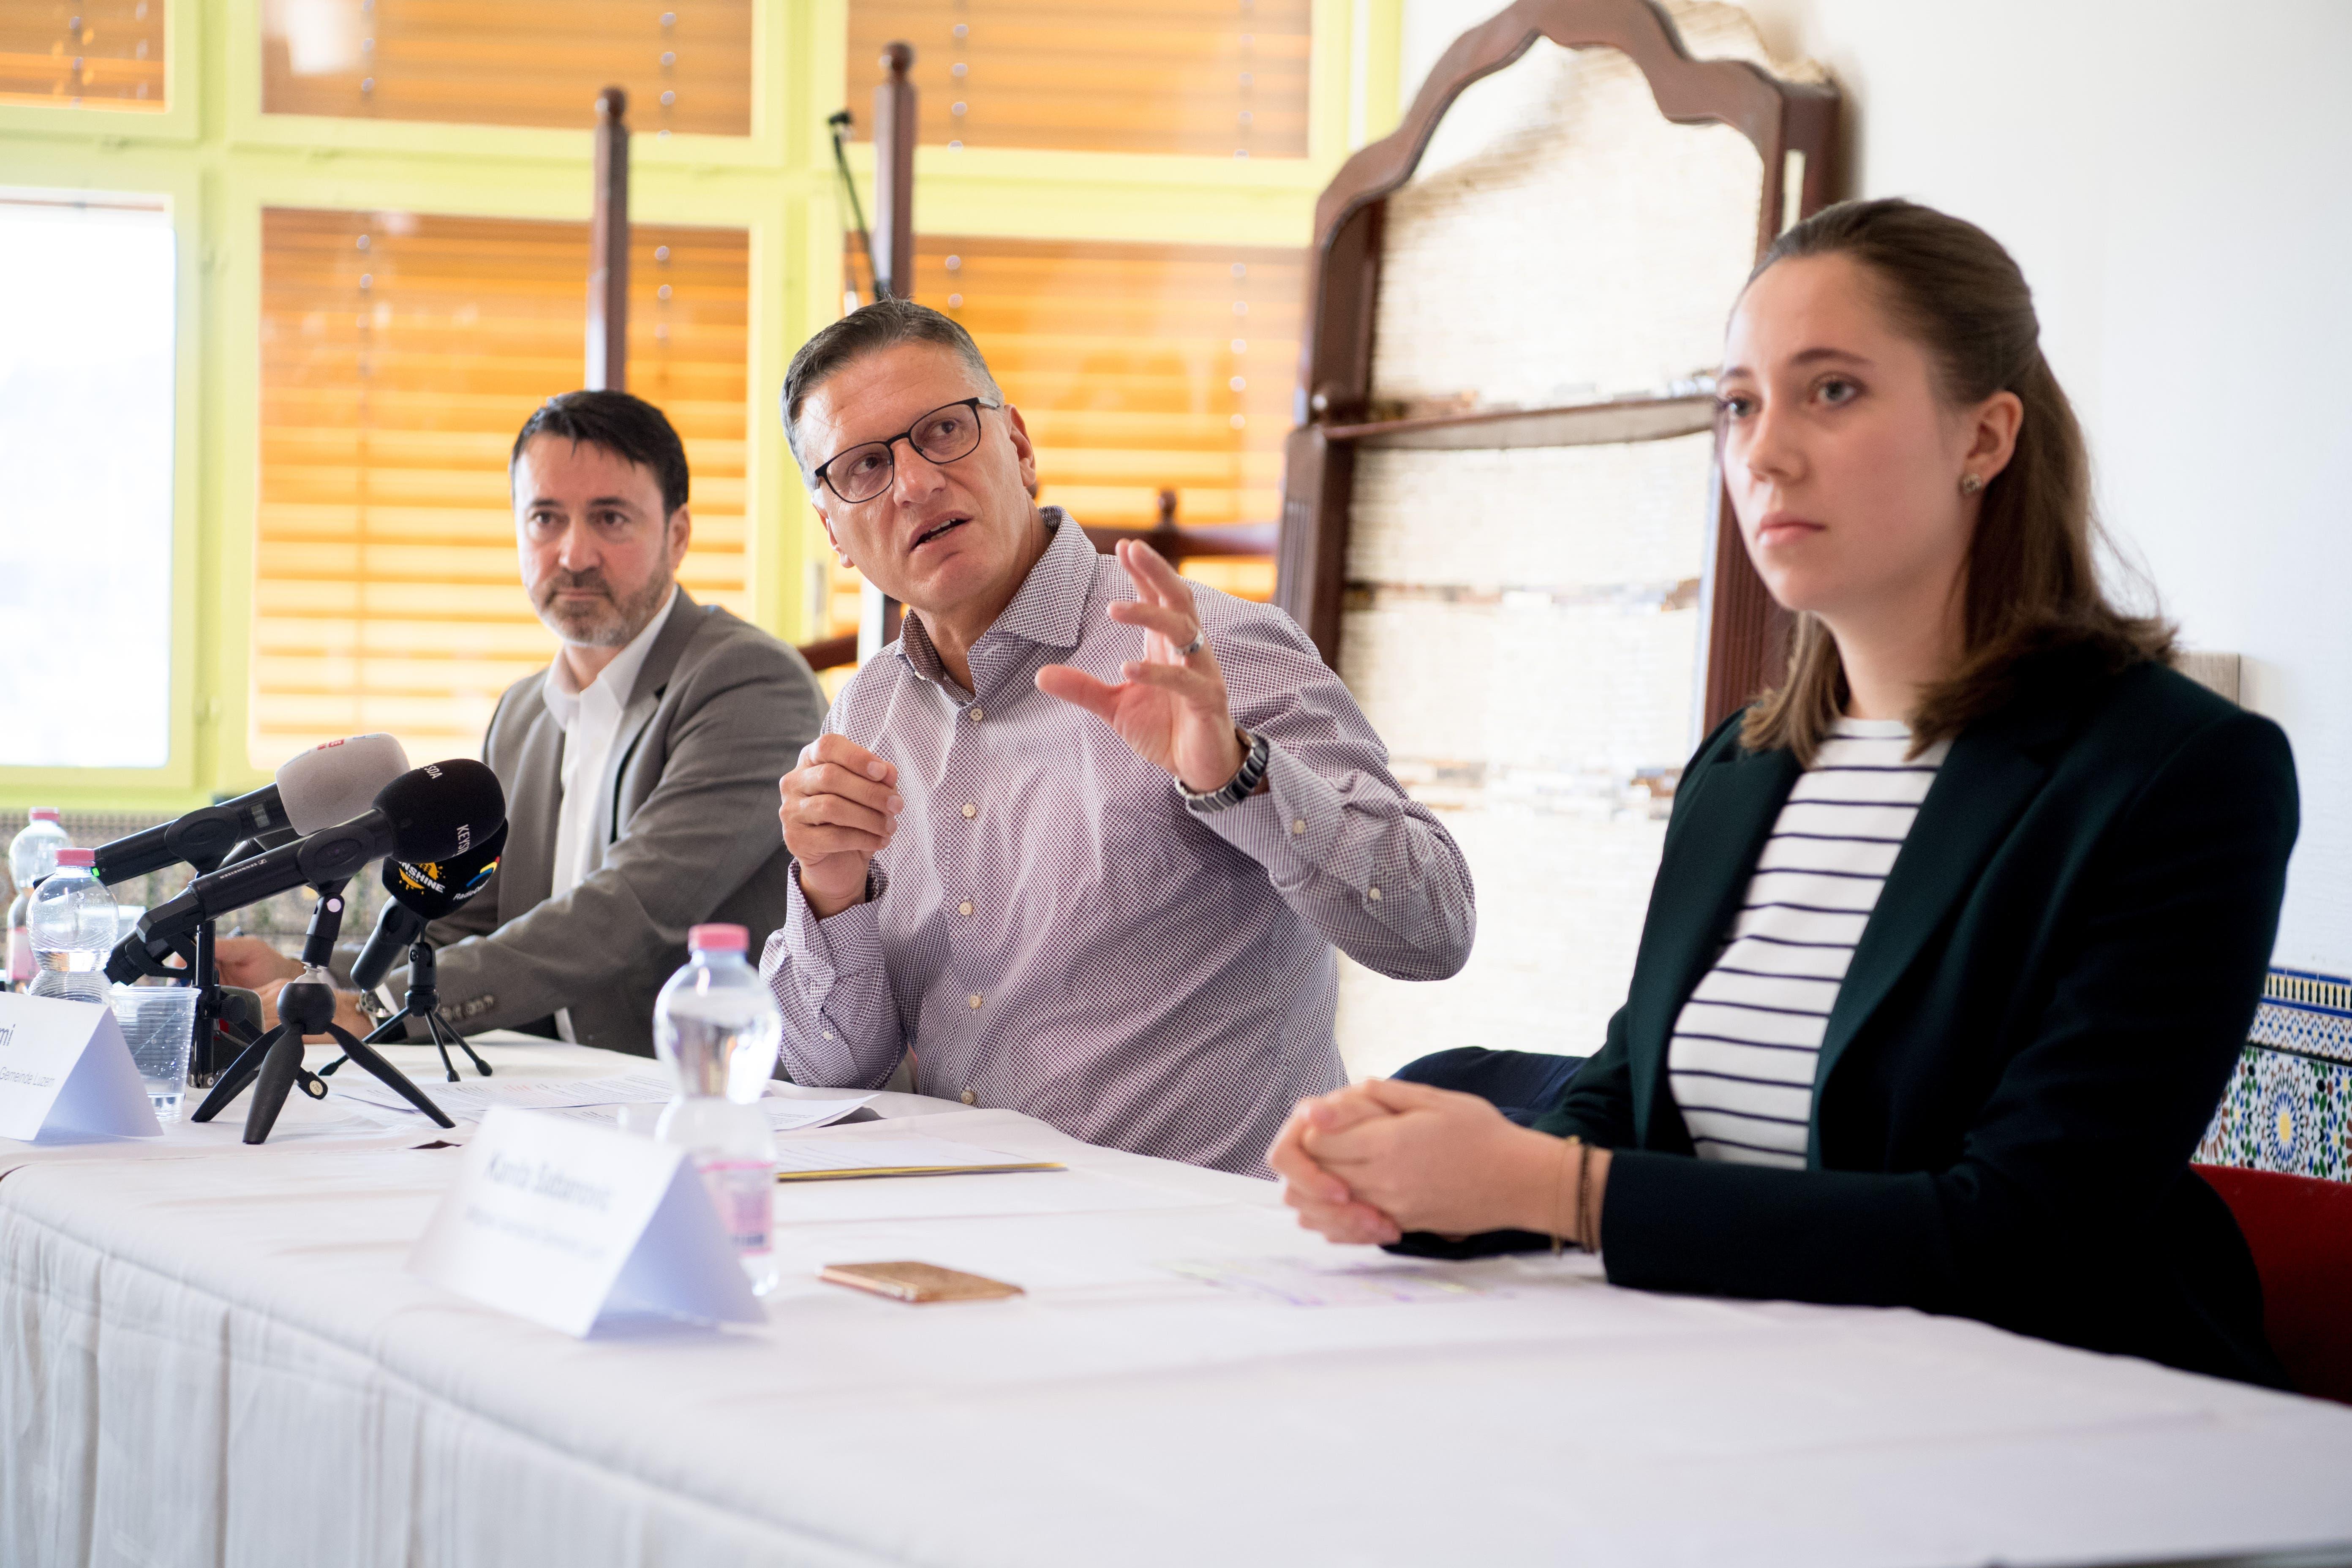 Hajrudin Velic Vizepräsident der Islamischen Gemeinde Luzern (IGL), Petrit Alimi Präsident und Kanita Sabanovic, Gemeindemitglied bei der Pressekonferenz.